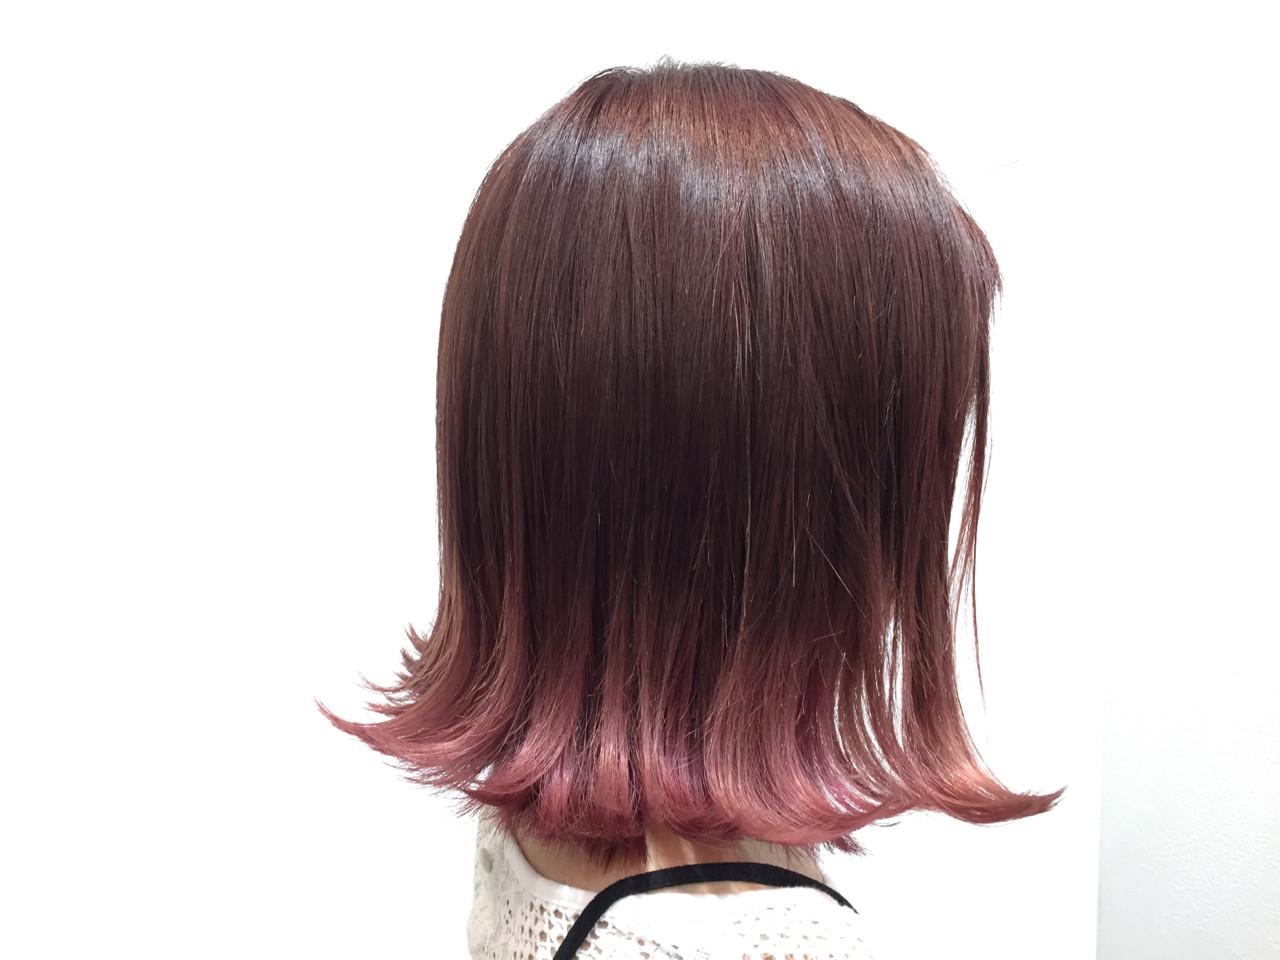 ガーリー ピンク ベージュ 外ハネ ヘアスタイルや髪型の写真・画像